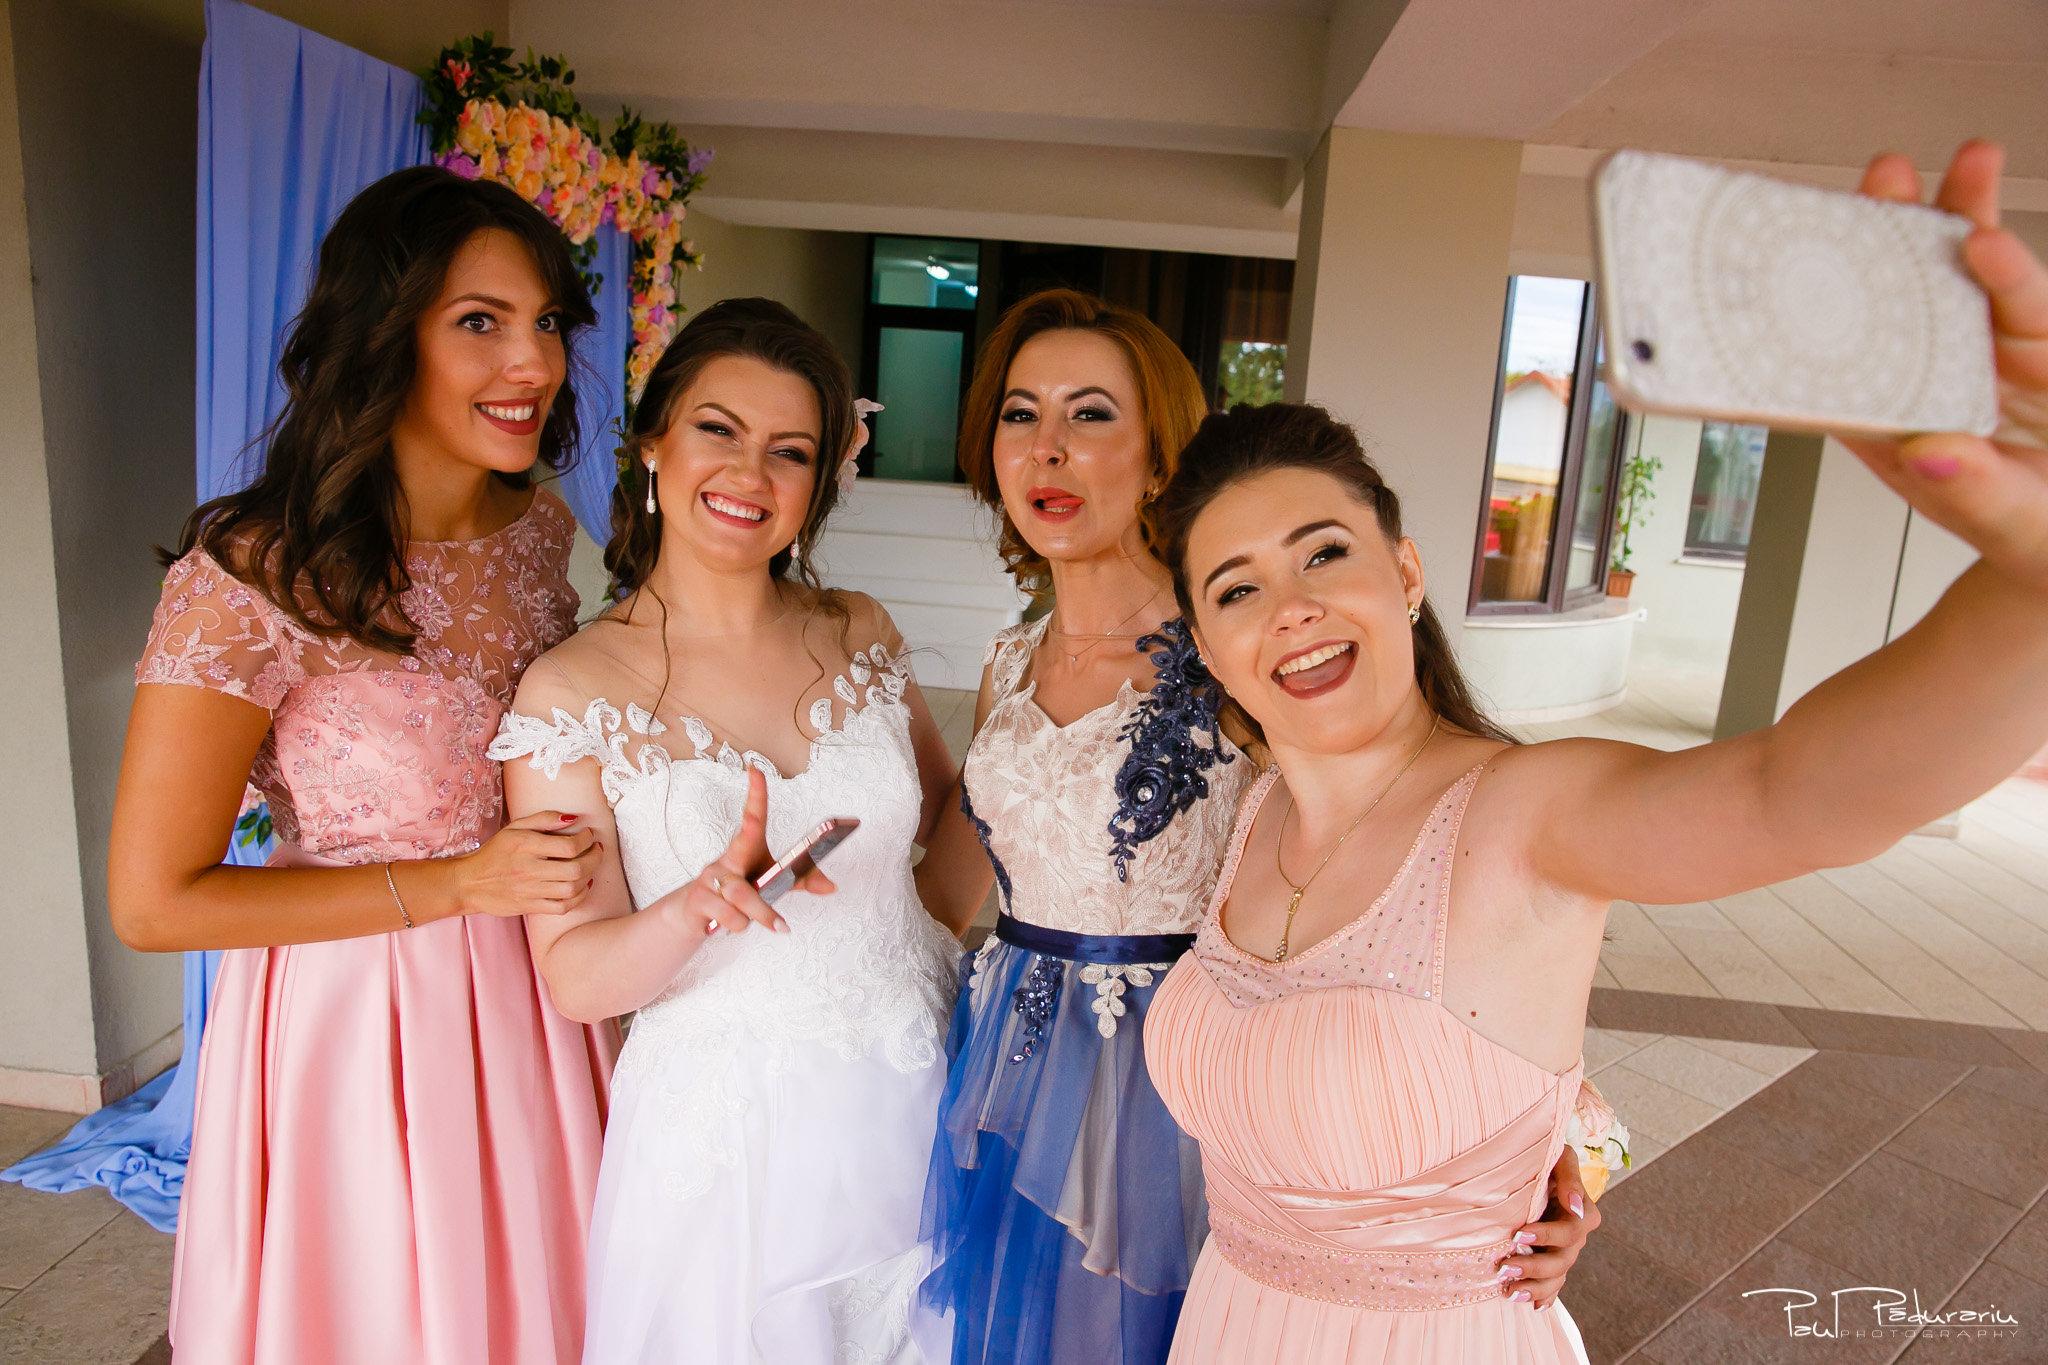 Selfie Ariadna si Iulian petrecere nunta Iasi www.paulpadurariu.ro © 2017 Paul Padurariu